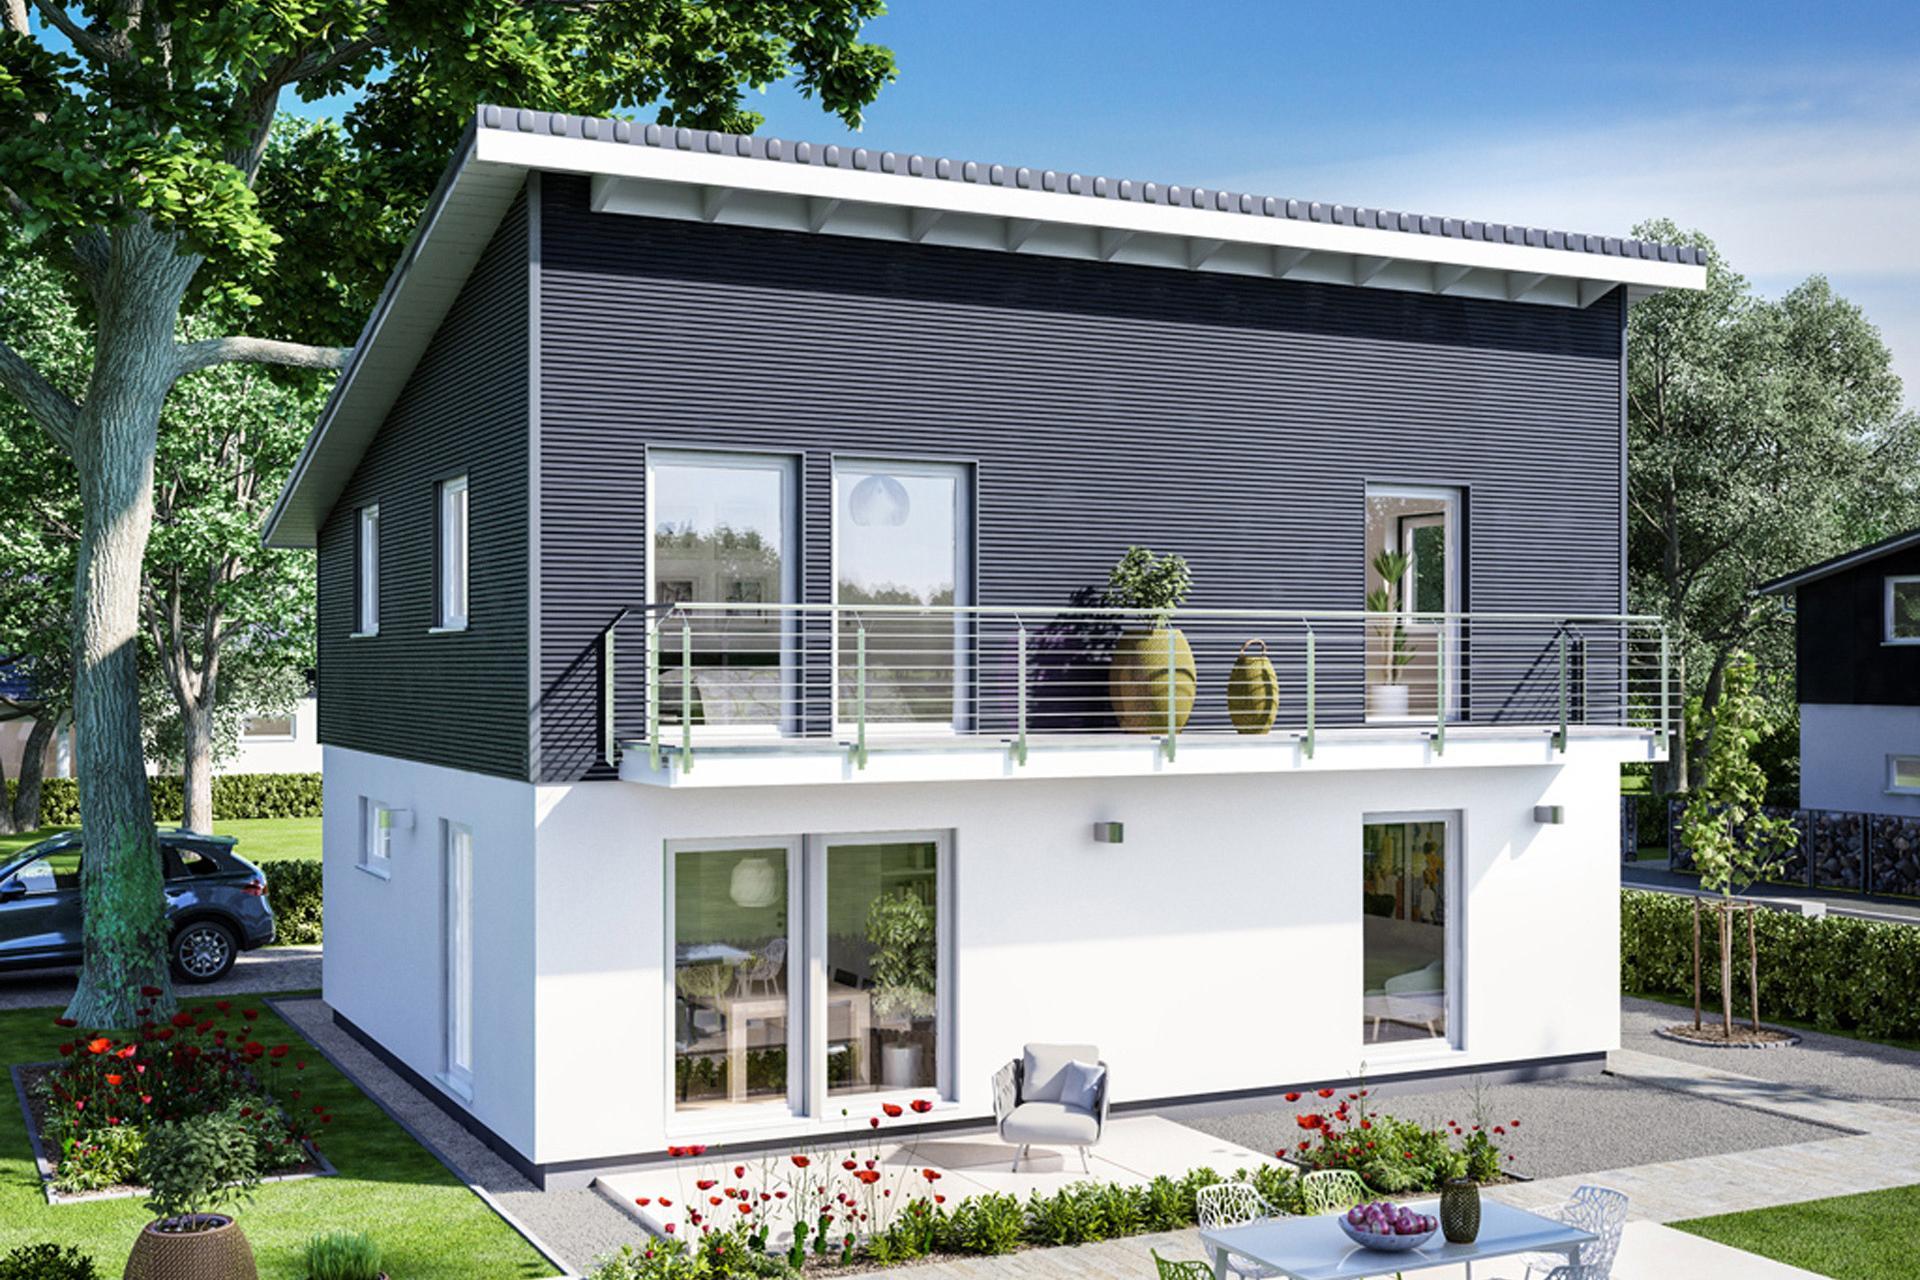 Maison avec toit à une pente | SchwörerHaus